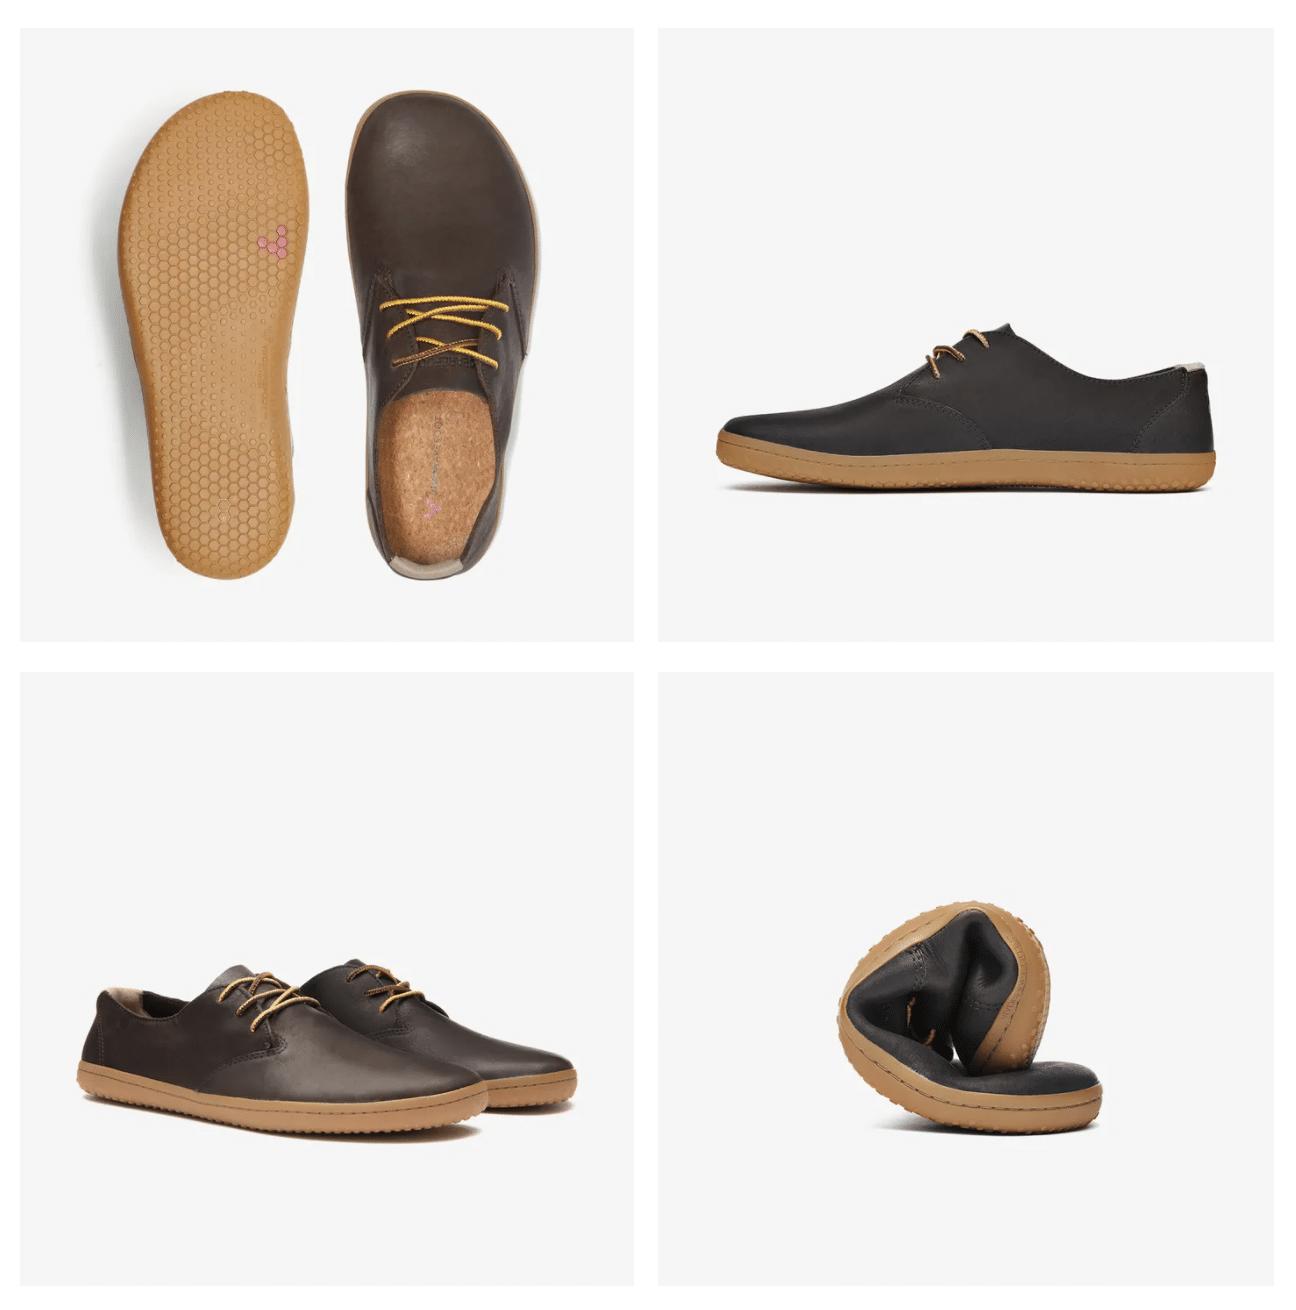 Vivo Barefoot Ra II shoes